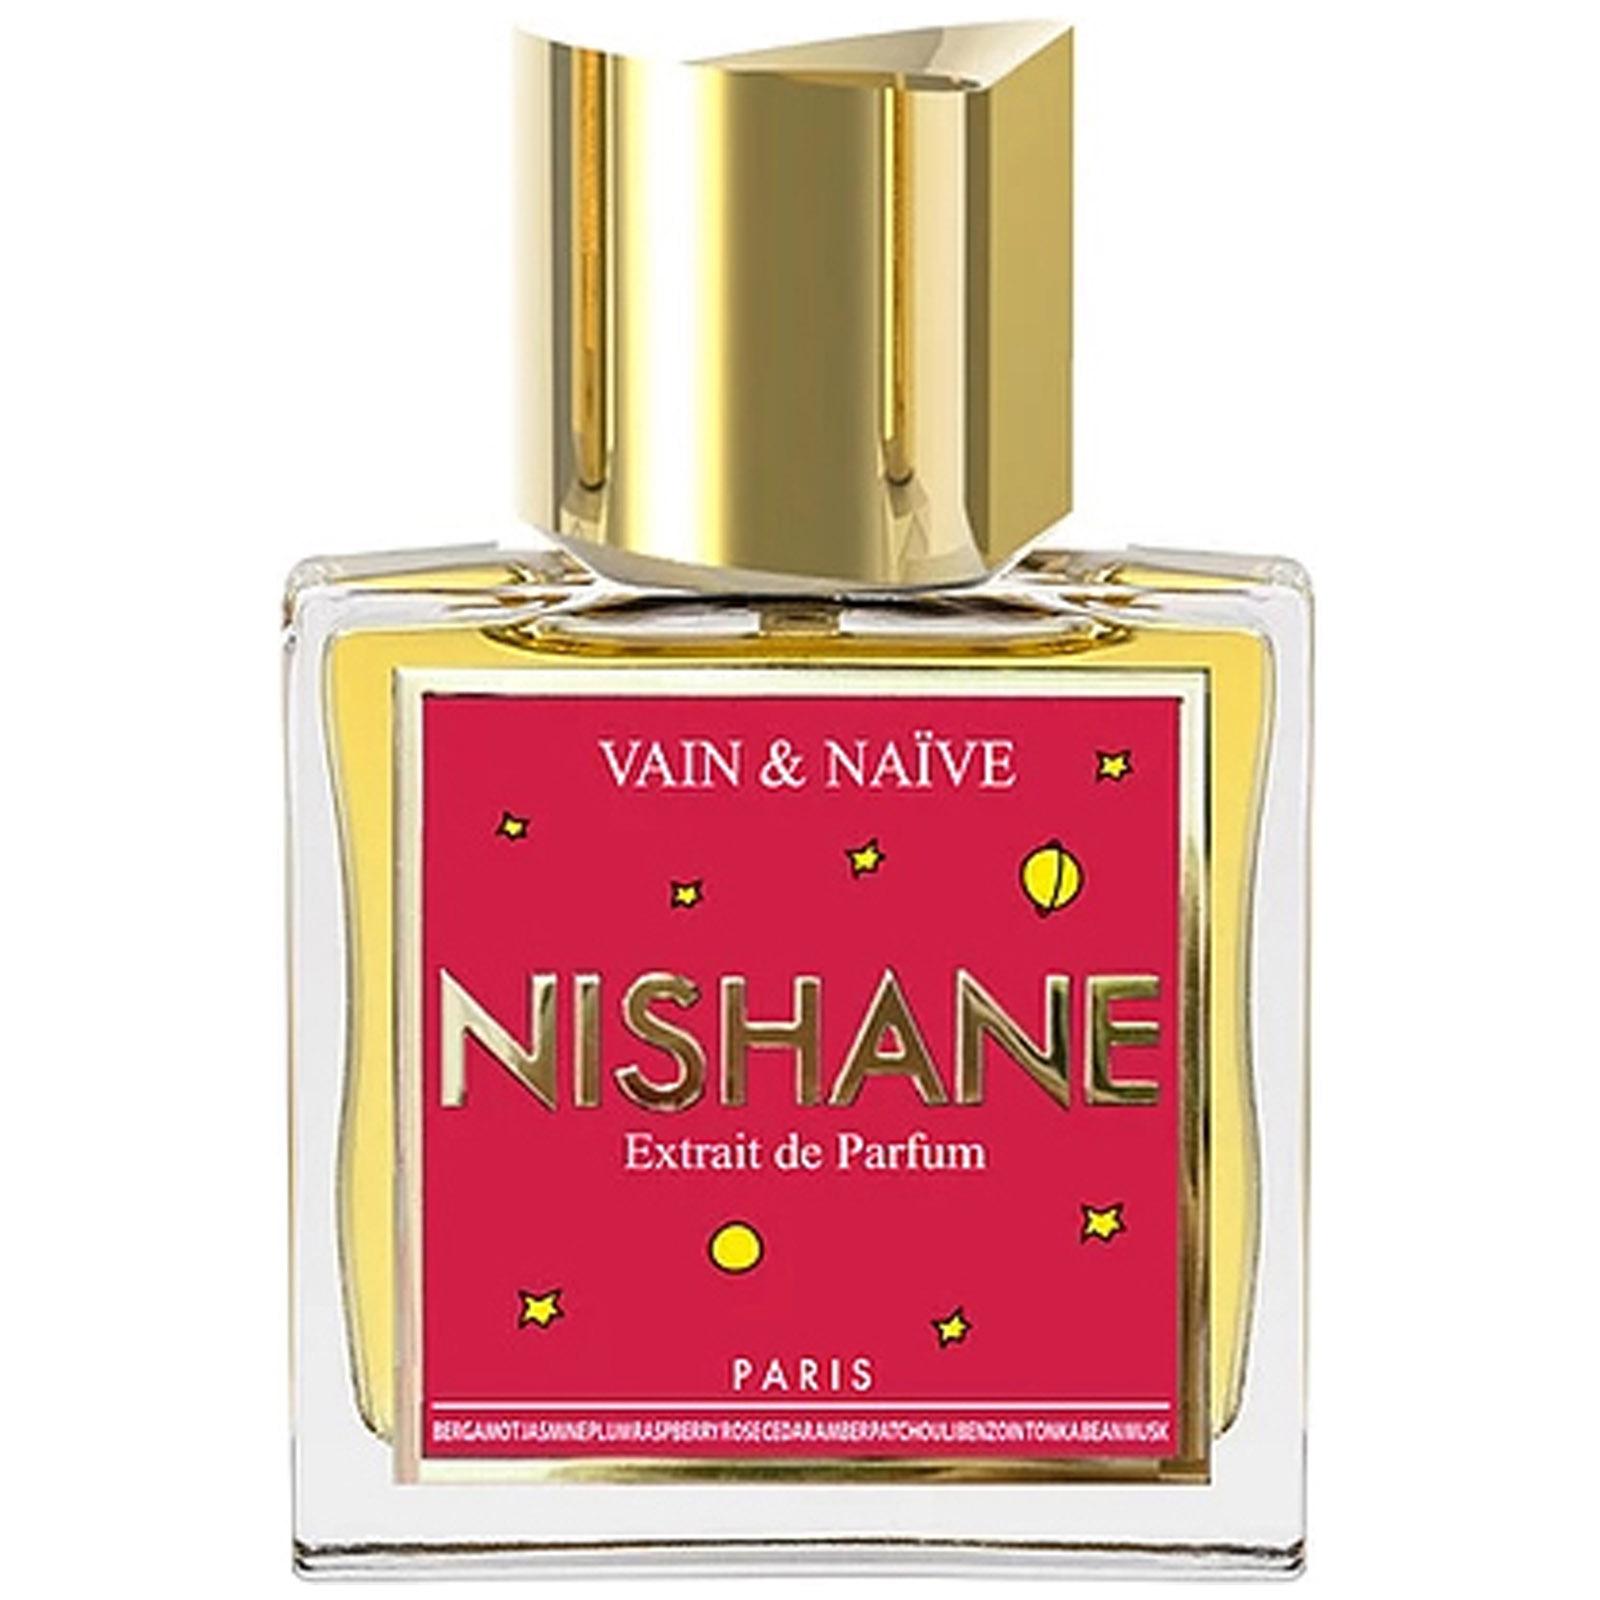 NISHANE Vain & Naive